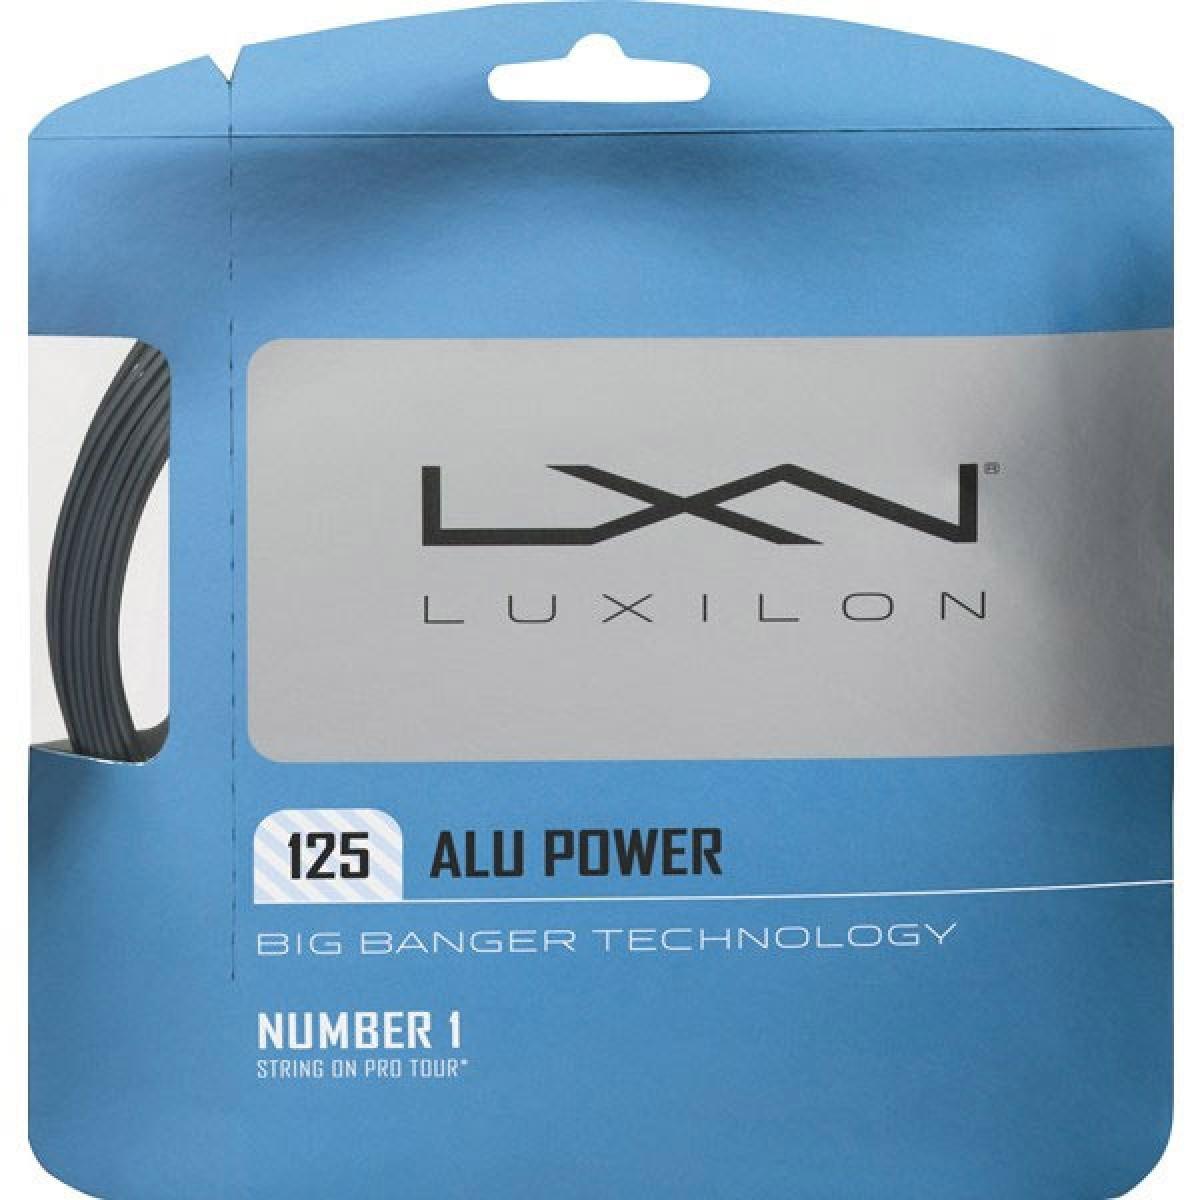 CORDAGE LUXILON BIG BANGER ALU POWER (12 METRES)